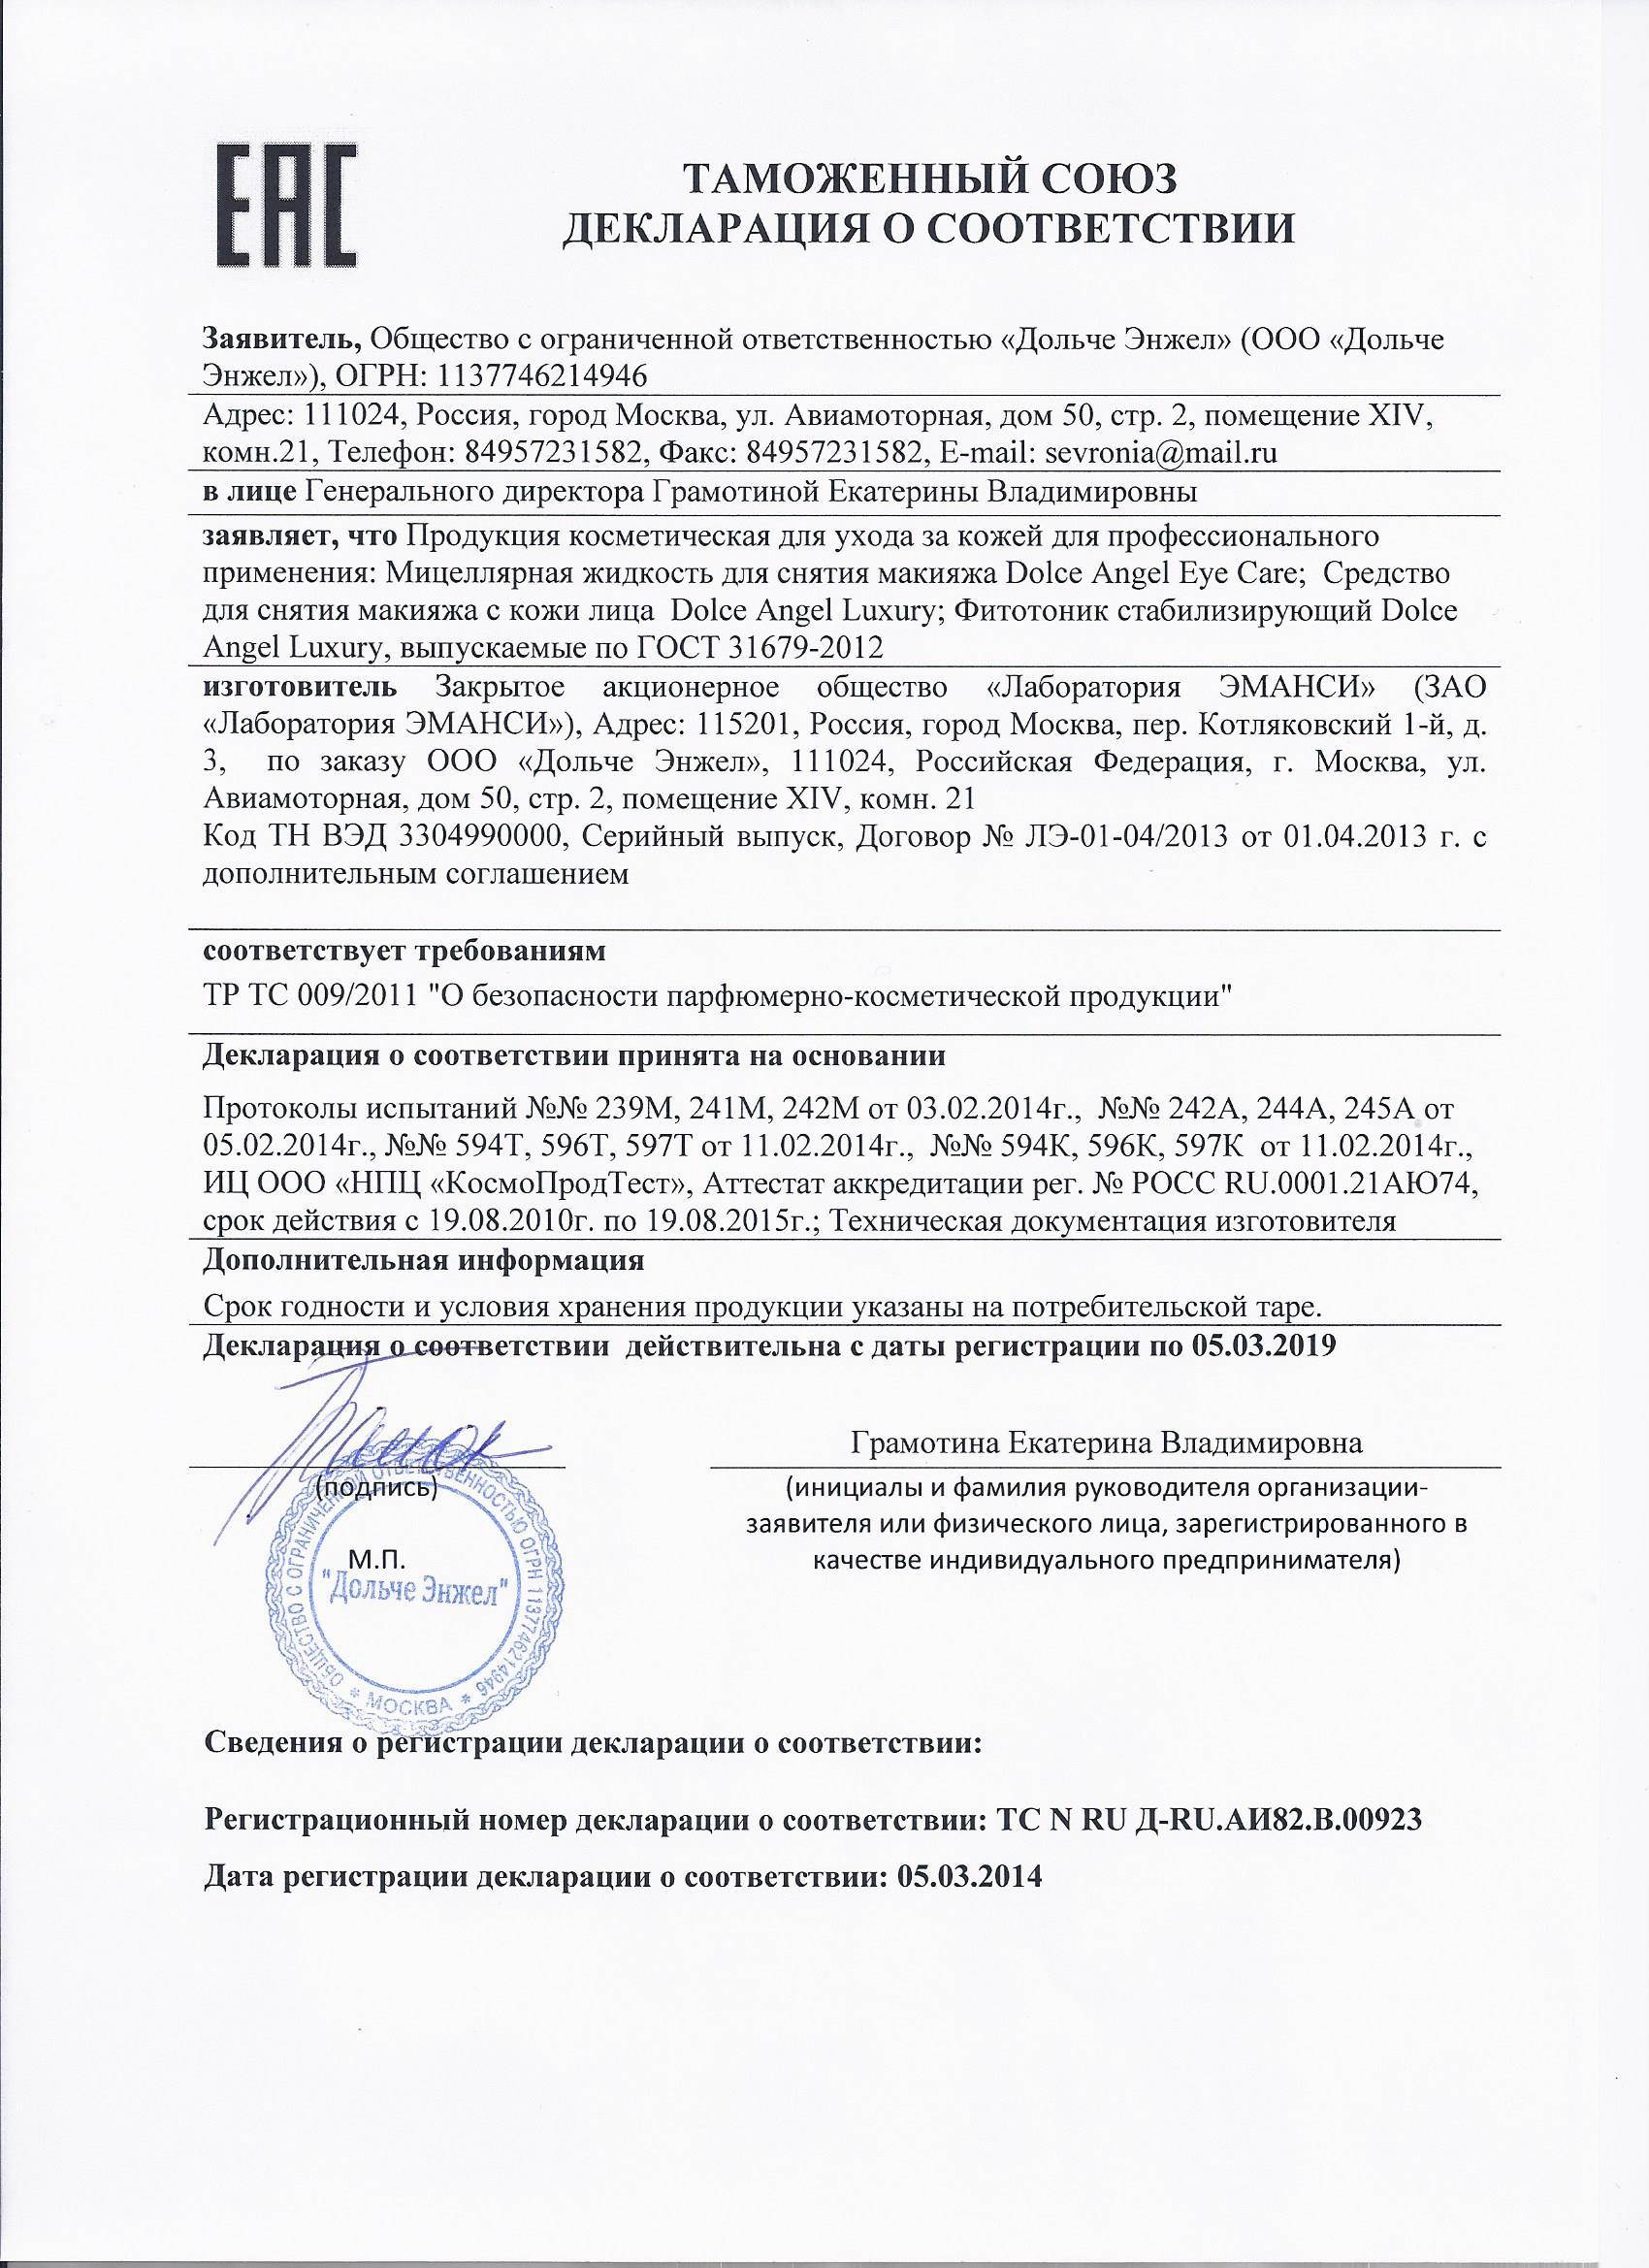 Сертификат на mac косметику в